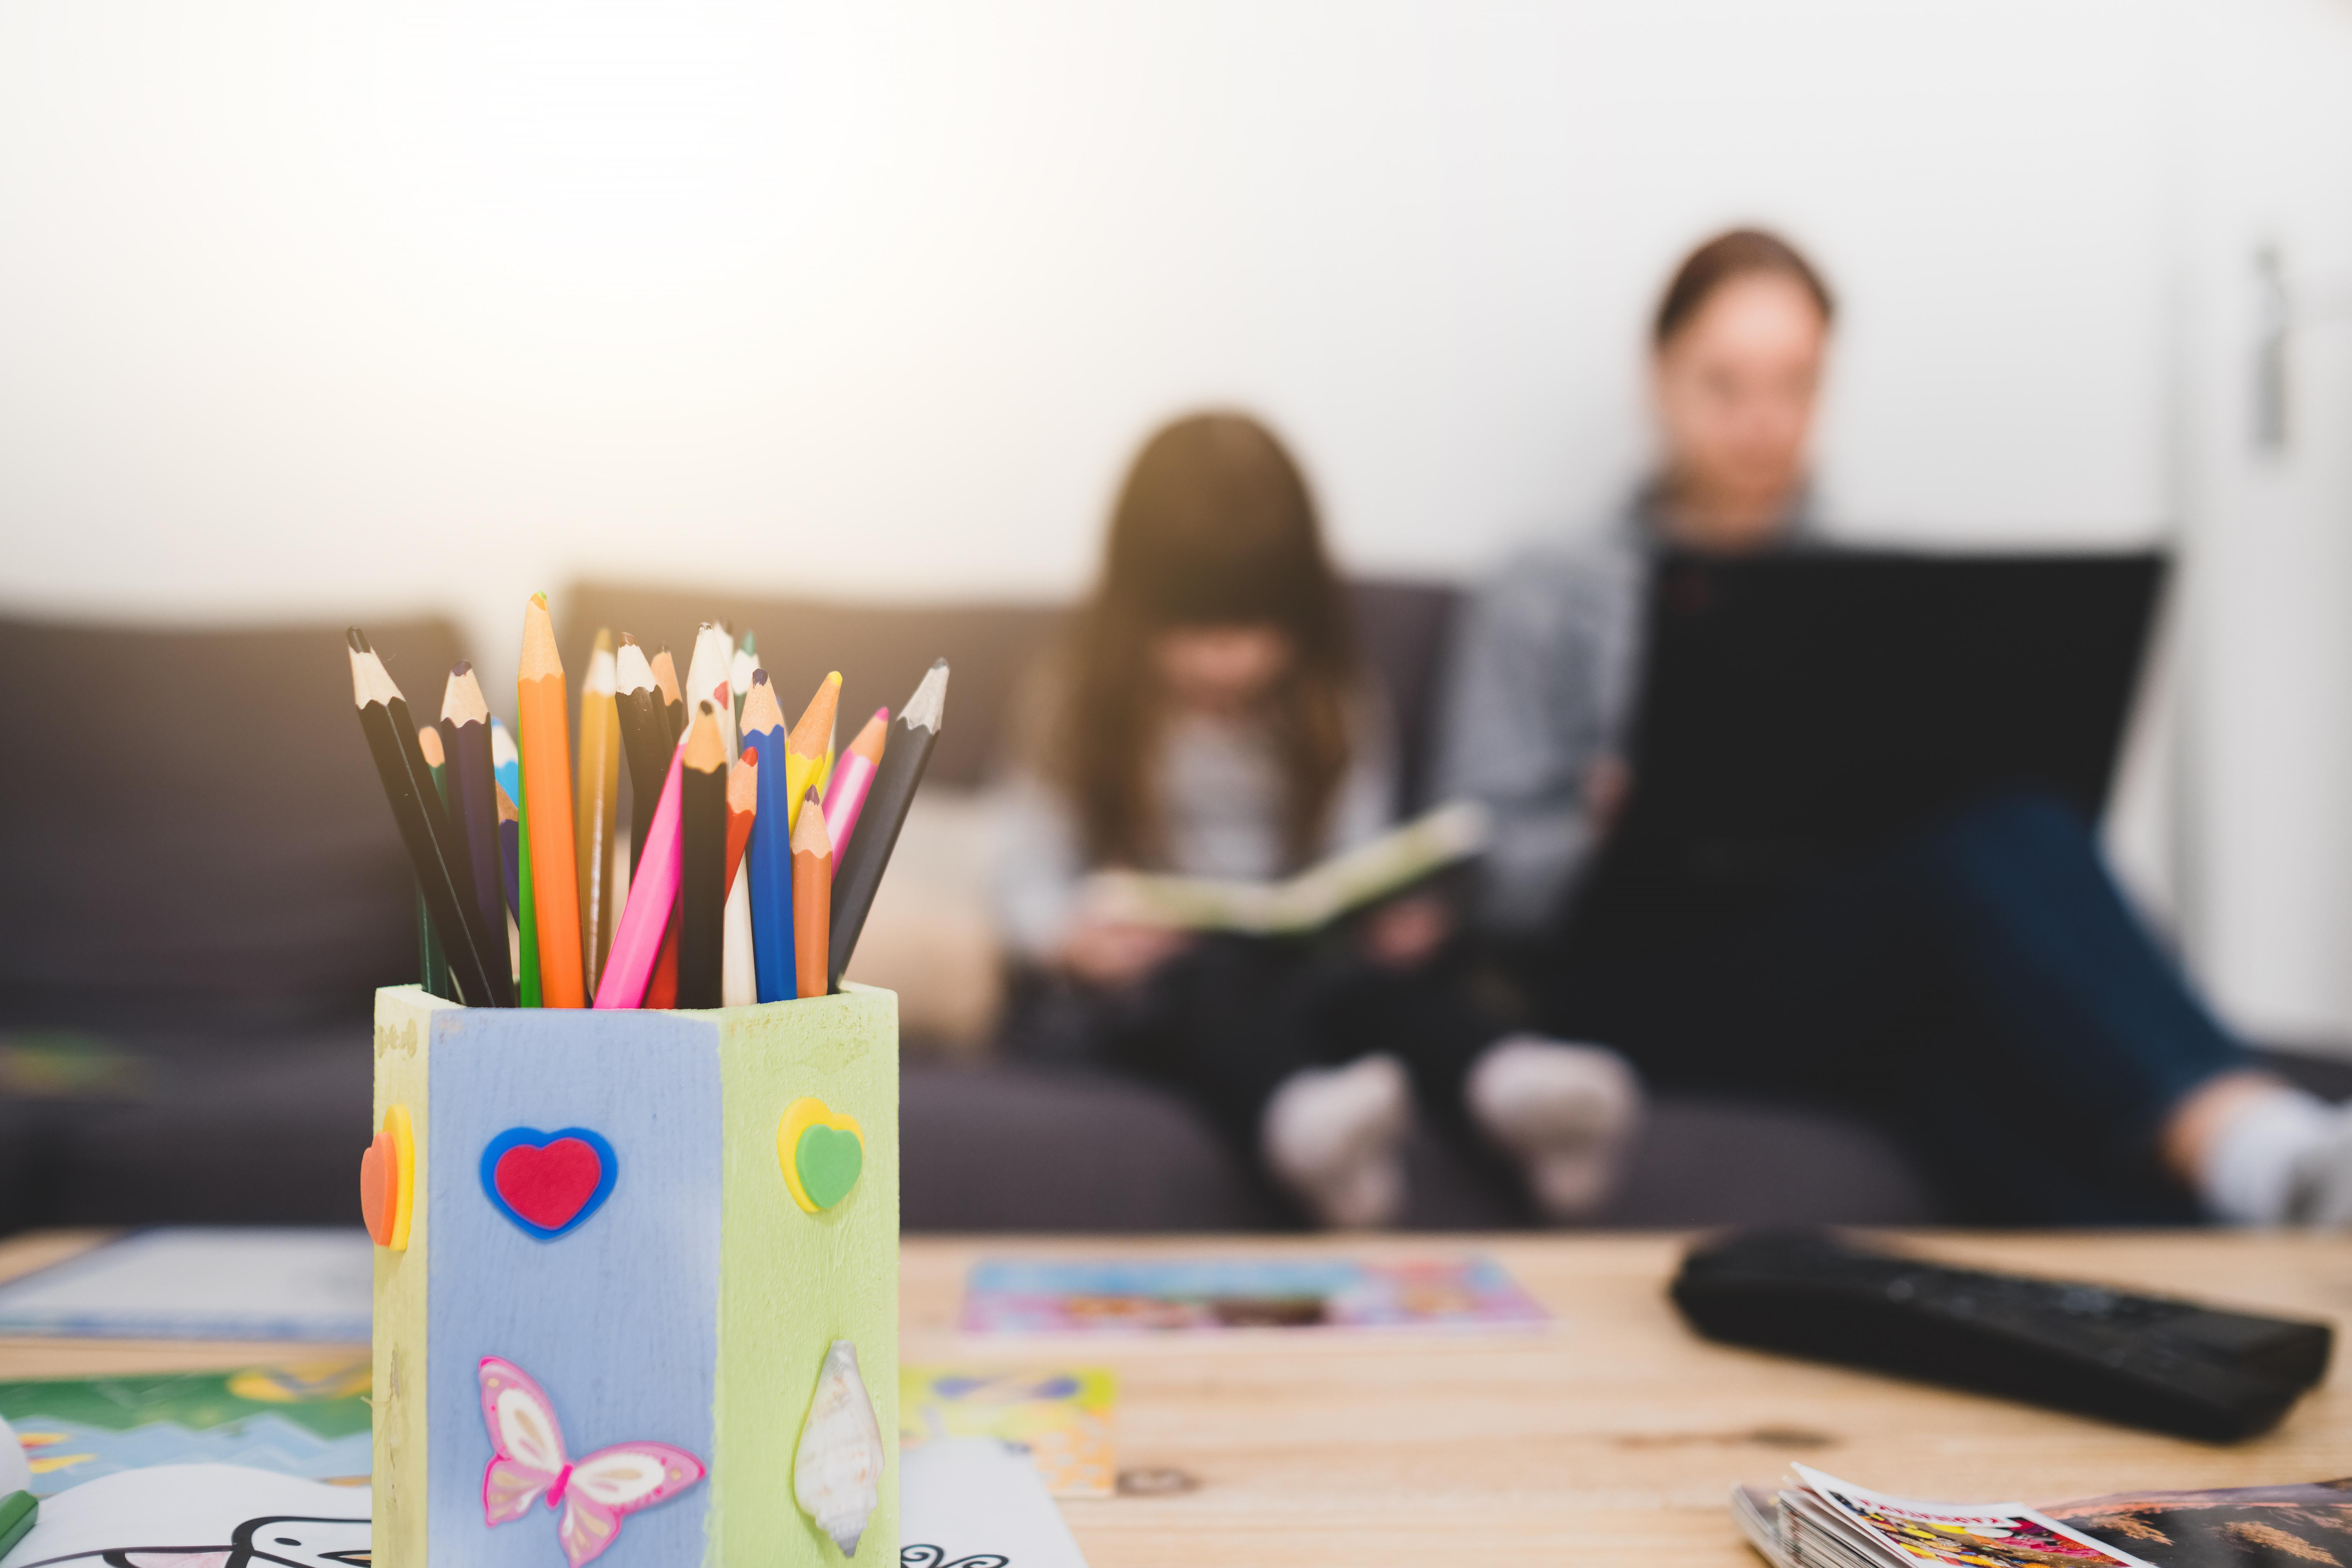 Cette enquête menée auprès de plus de 2.000 adultes avec au moins un enfant d'âge scolaire révèle ainsi une association légère mais significative entre les fermetures d'écoles et une dégradation des résultats de santé mentale des enfants (Visuel Adobe Stock 330990739)